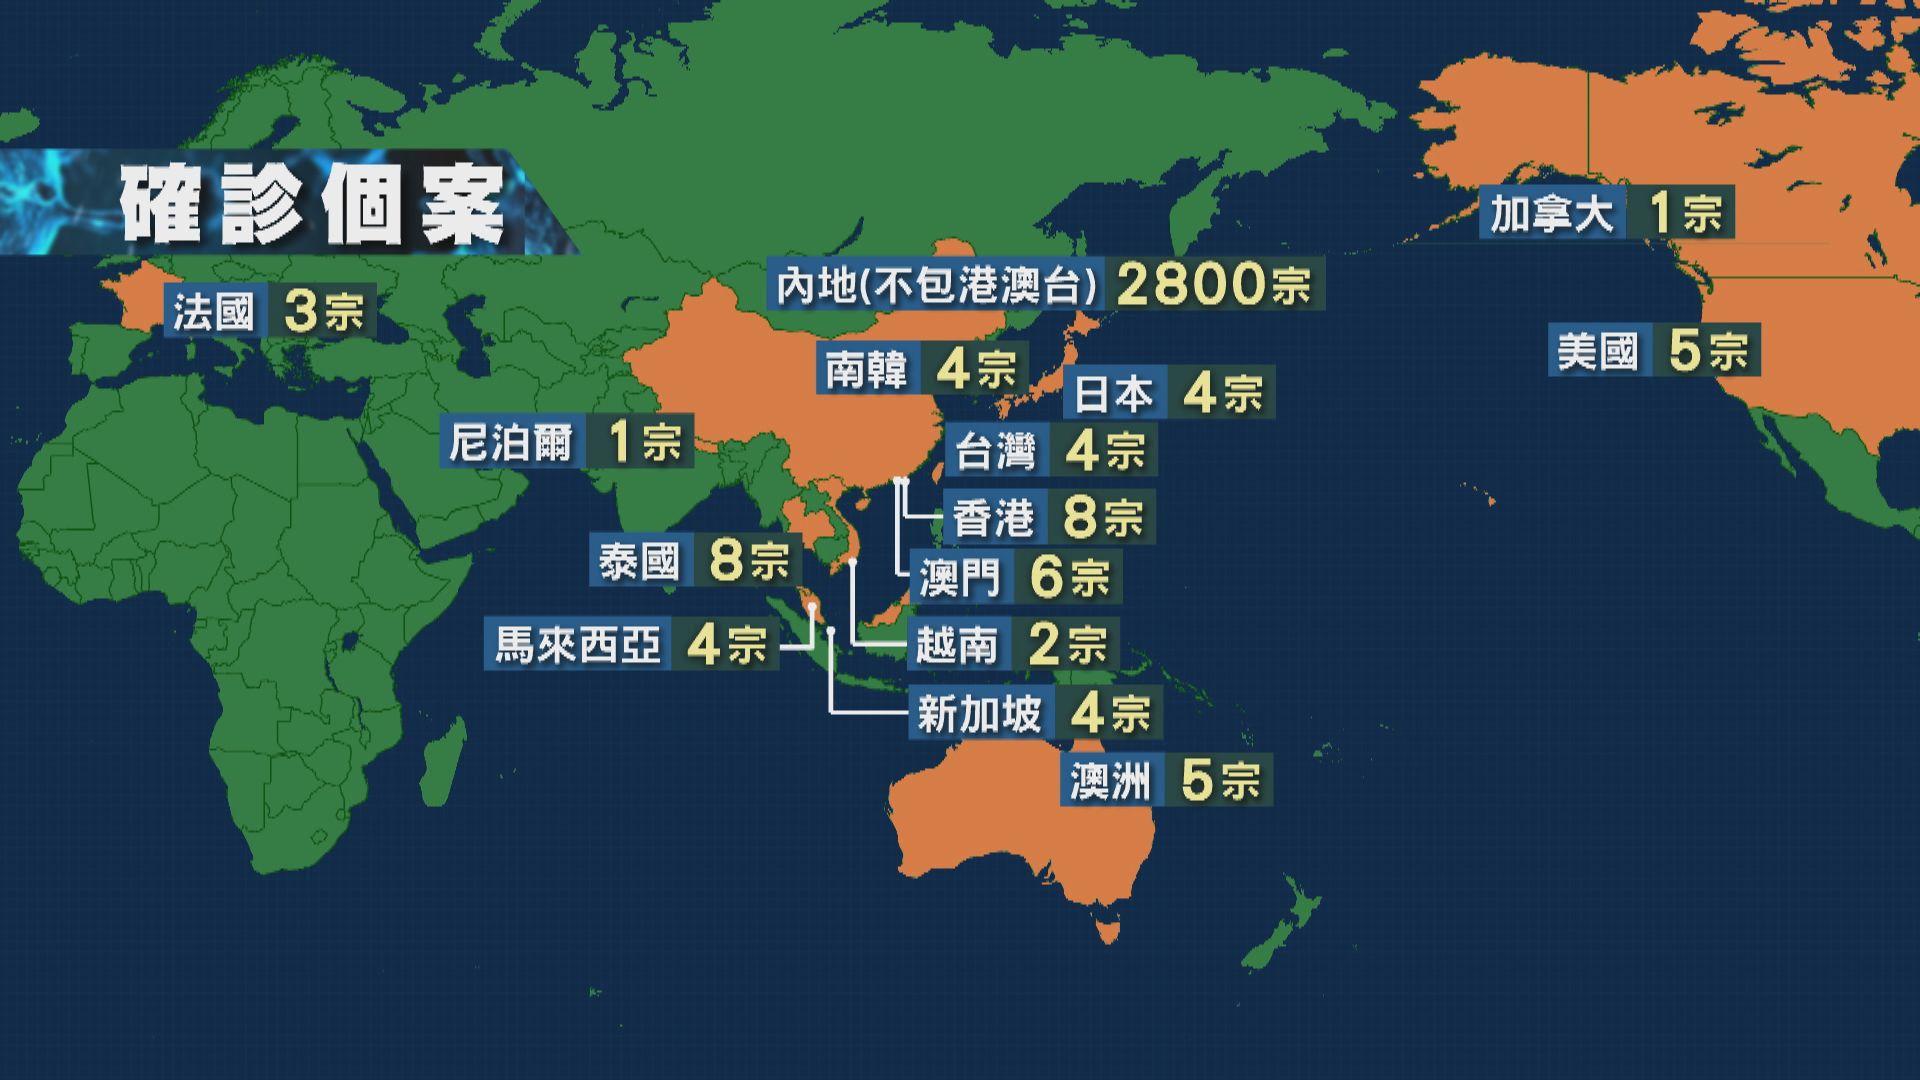 【新型肺炎】內地確診個案達2800宗 海南首次有死亡個案